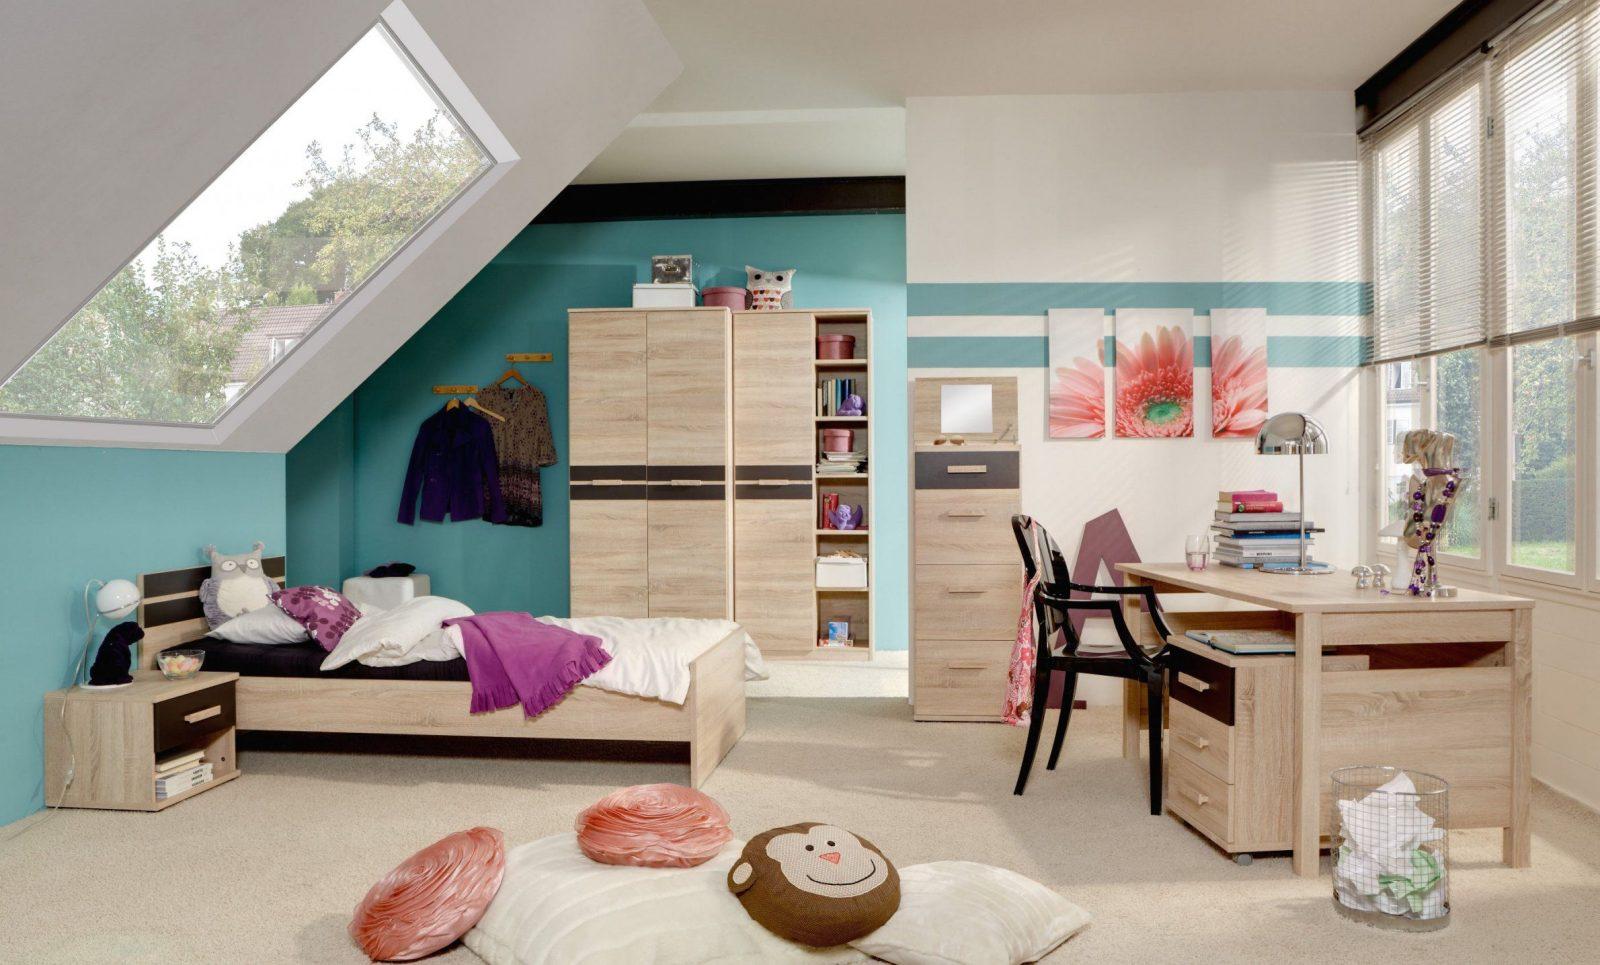 Kleine Kinderzimmer Geschickt Einrichten Mit 20 Bilder Kleines von Kleine Kinderzimmer Geschickt Einrichten Bild